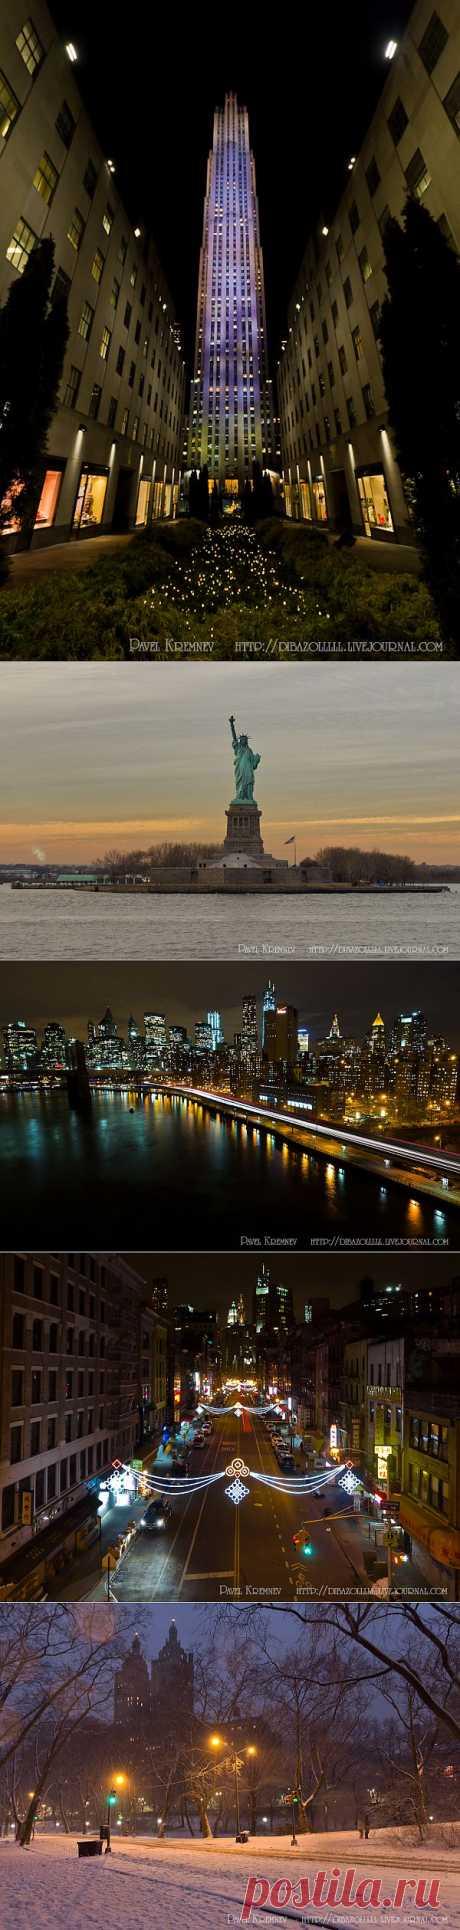 night_in_city: Нью-Йоркские вечера